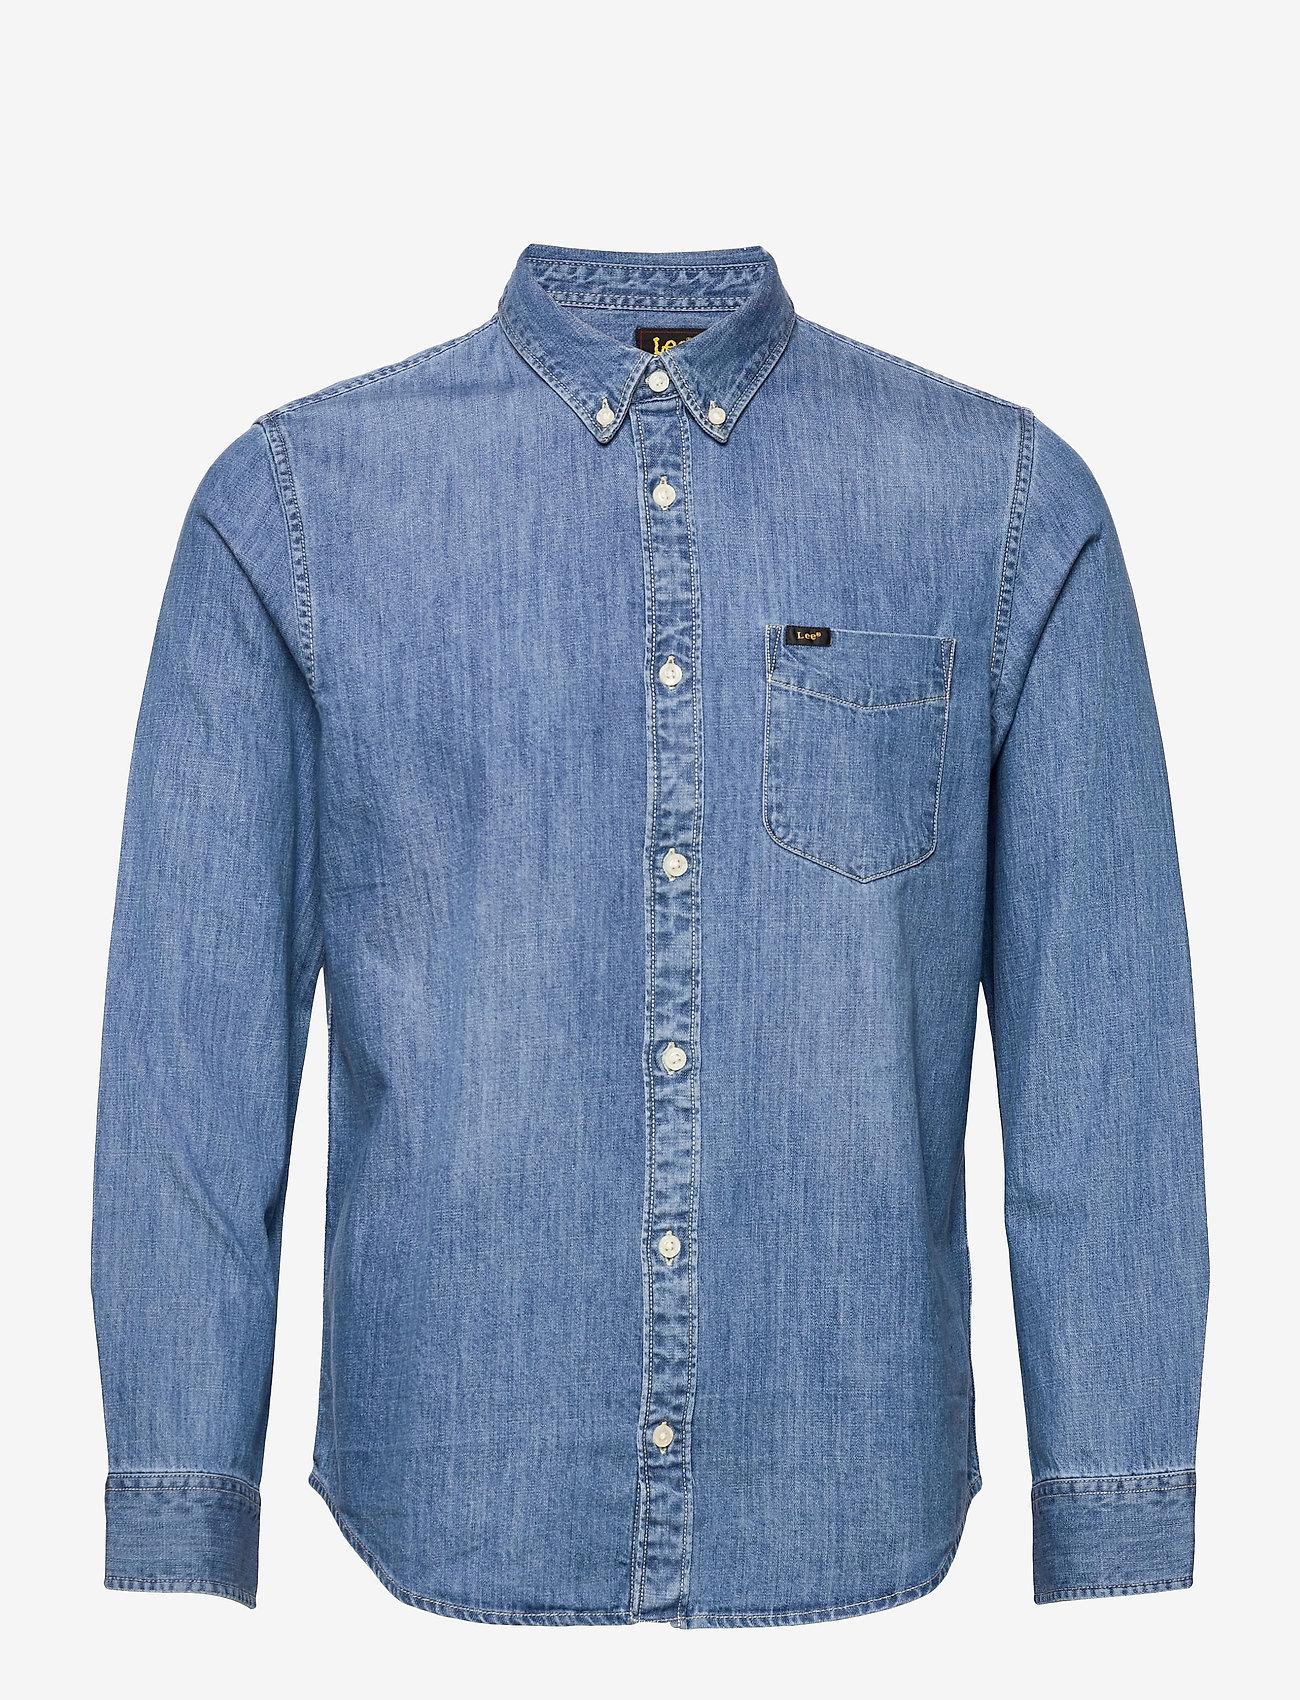 Lee Jeans - LEE BUTTON DOWN - denim shirts - tide blue - 0